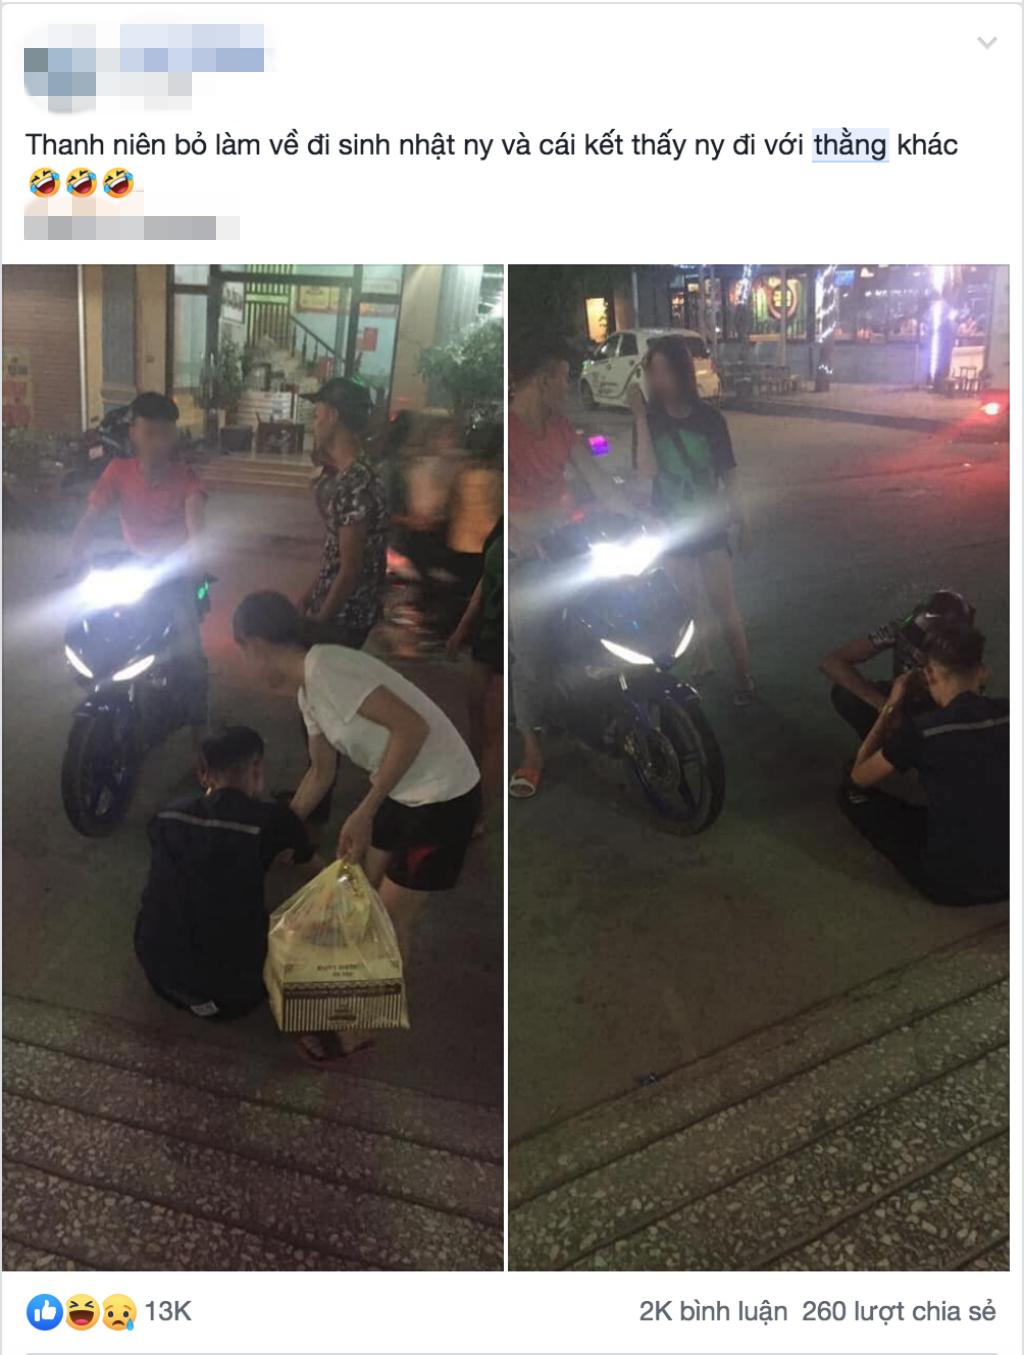 Nghỉ làm để tổ chức sinh nhật bất ngờ cho người yêu, chàng trai sụp đổ trước cảnh tượng được chứng kiến-1